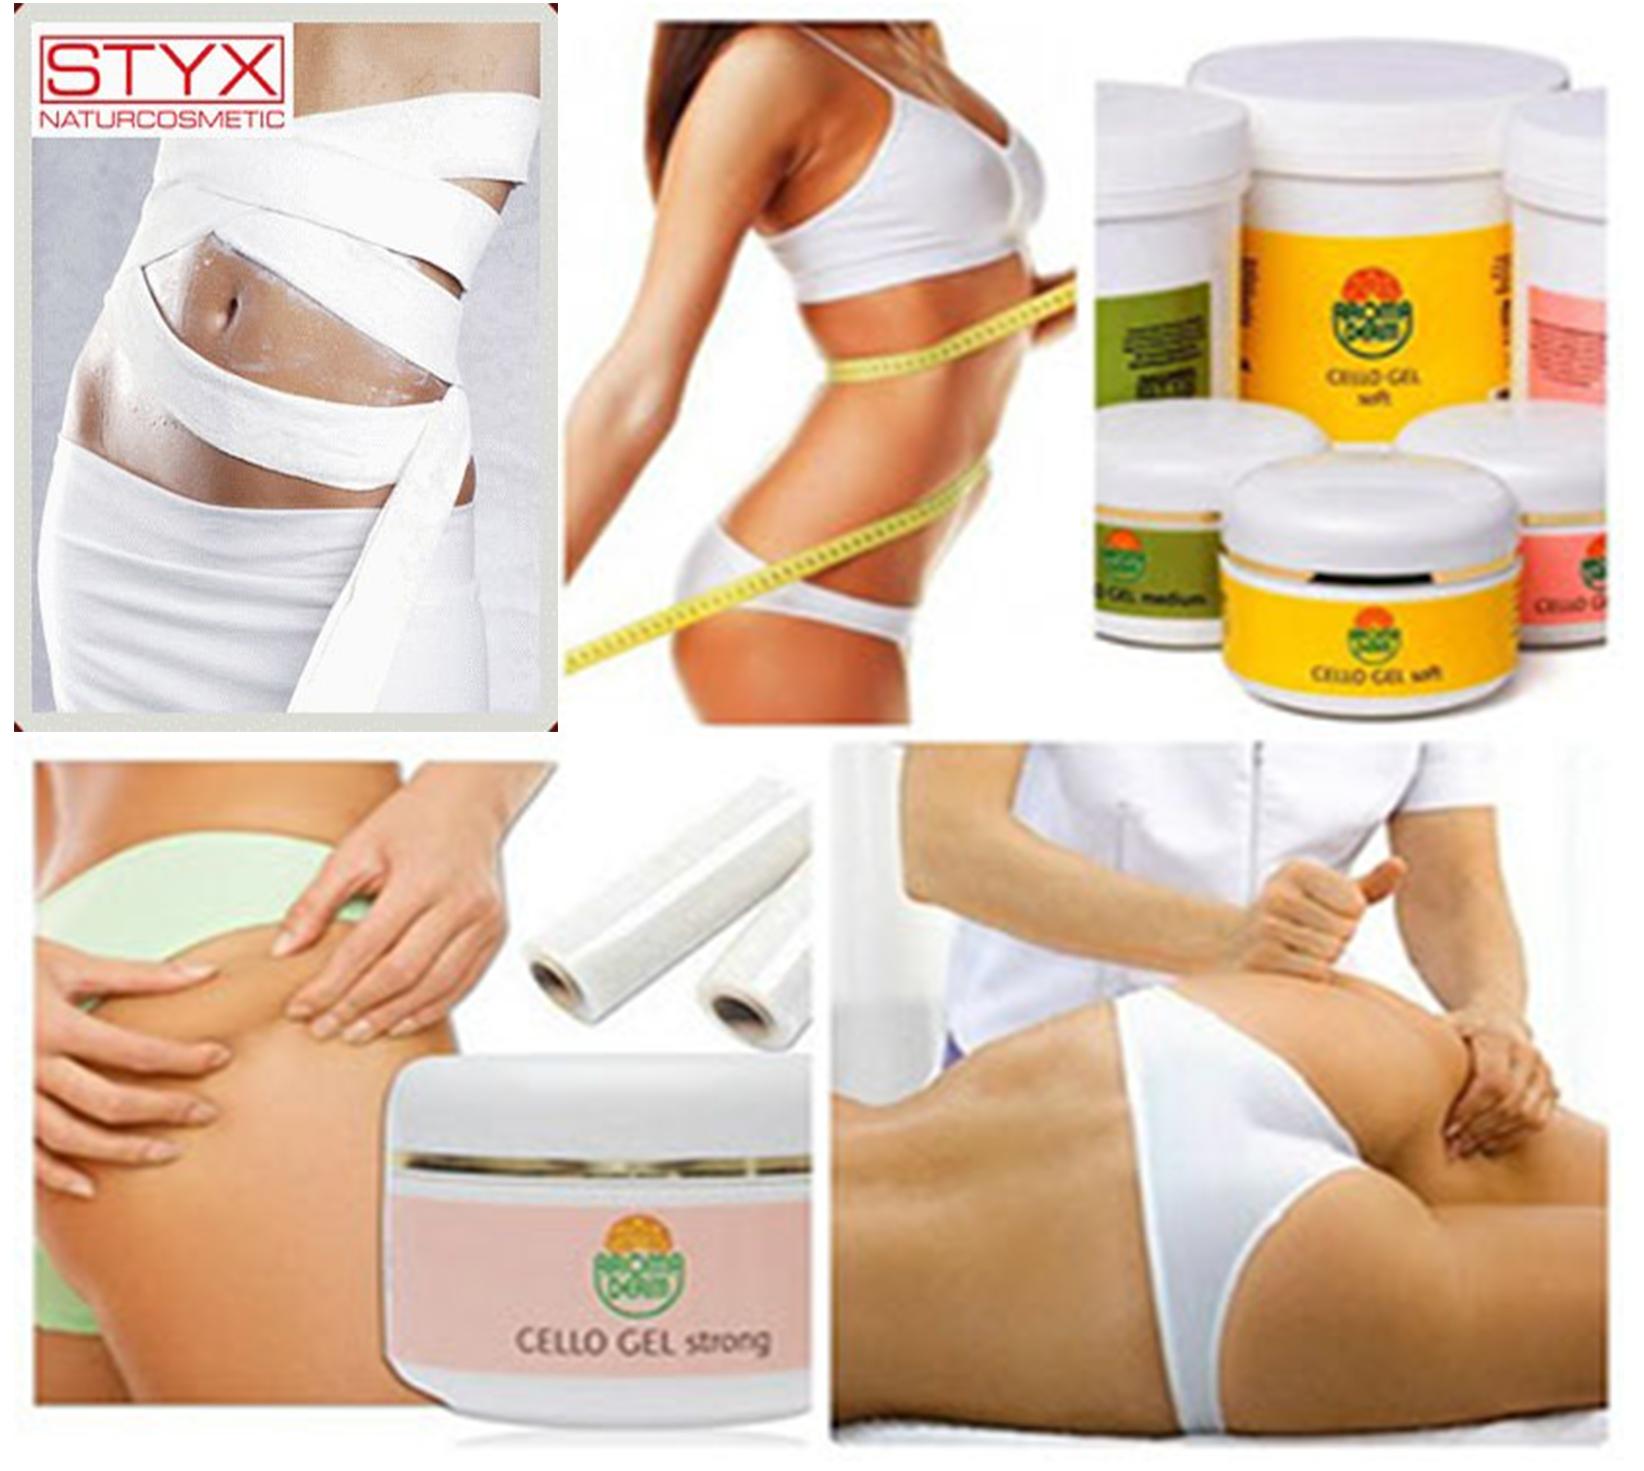 Бинтовое обертывание для похудения в домашних условиях